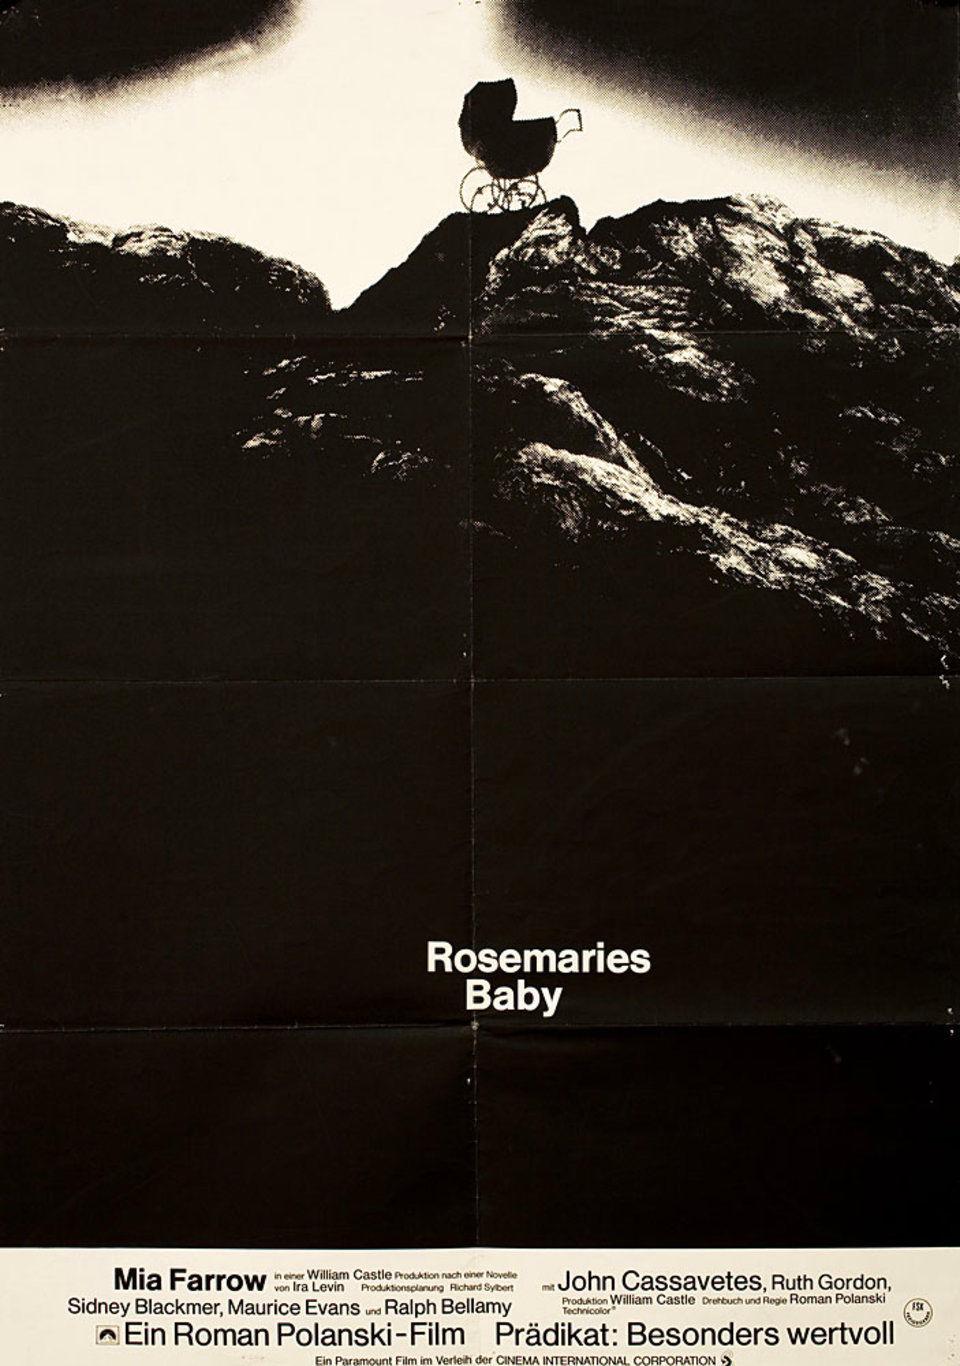 Rosemary's-Baby-Original-German-Poster-Rerelease.jpg